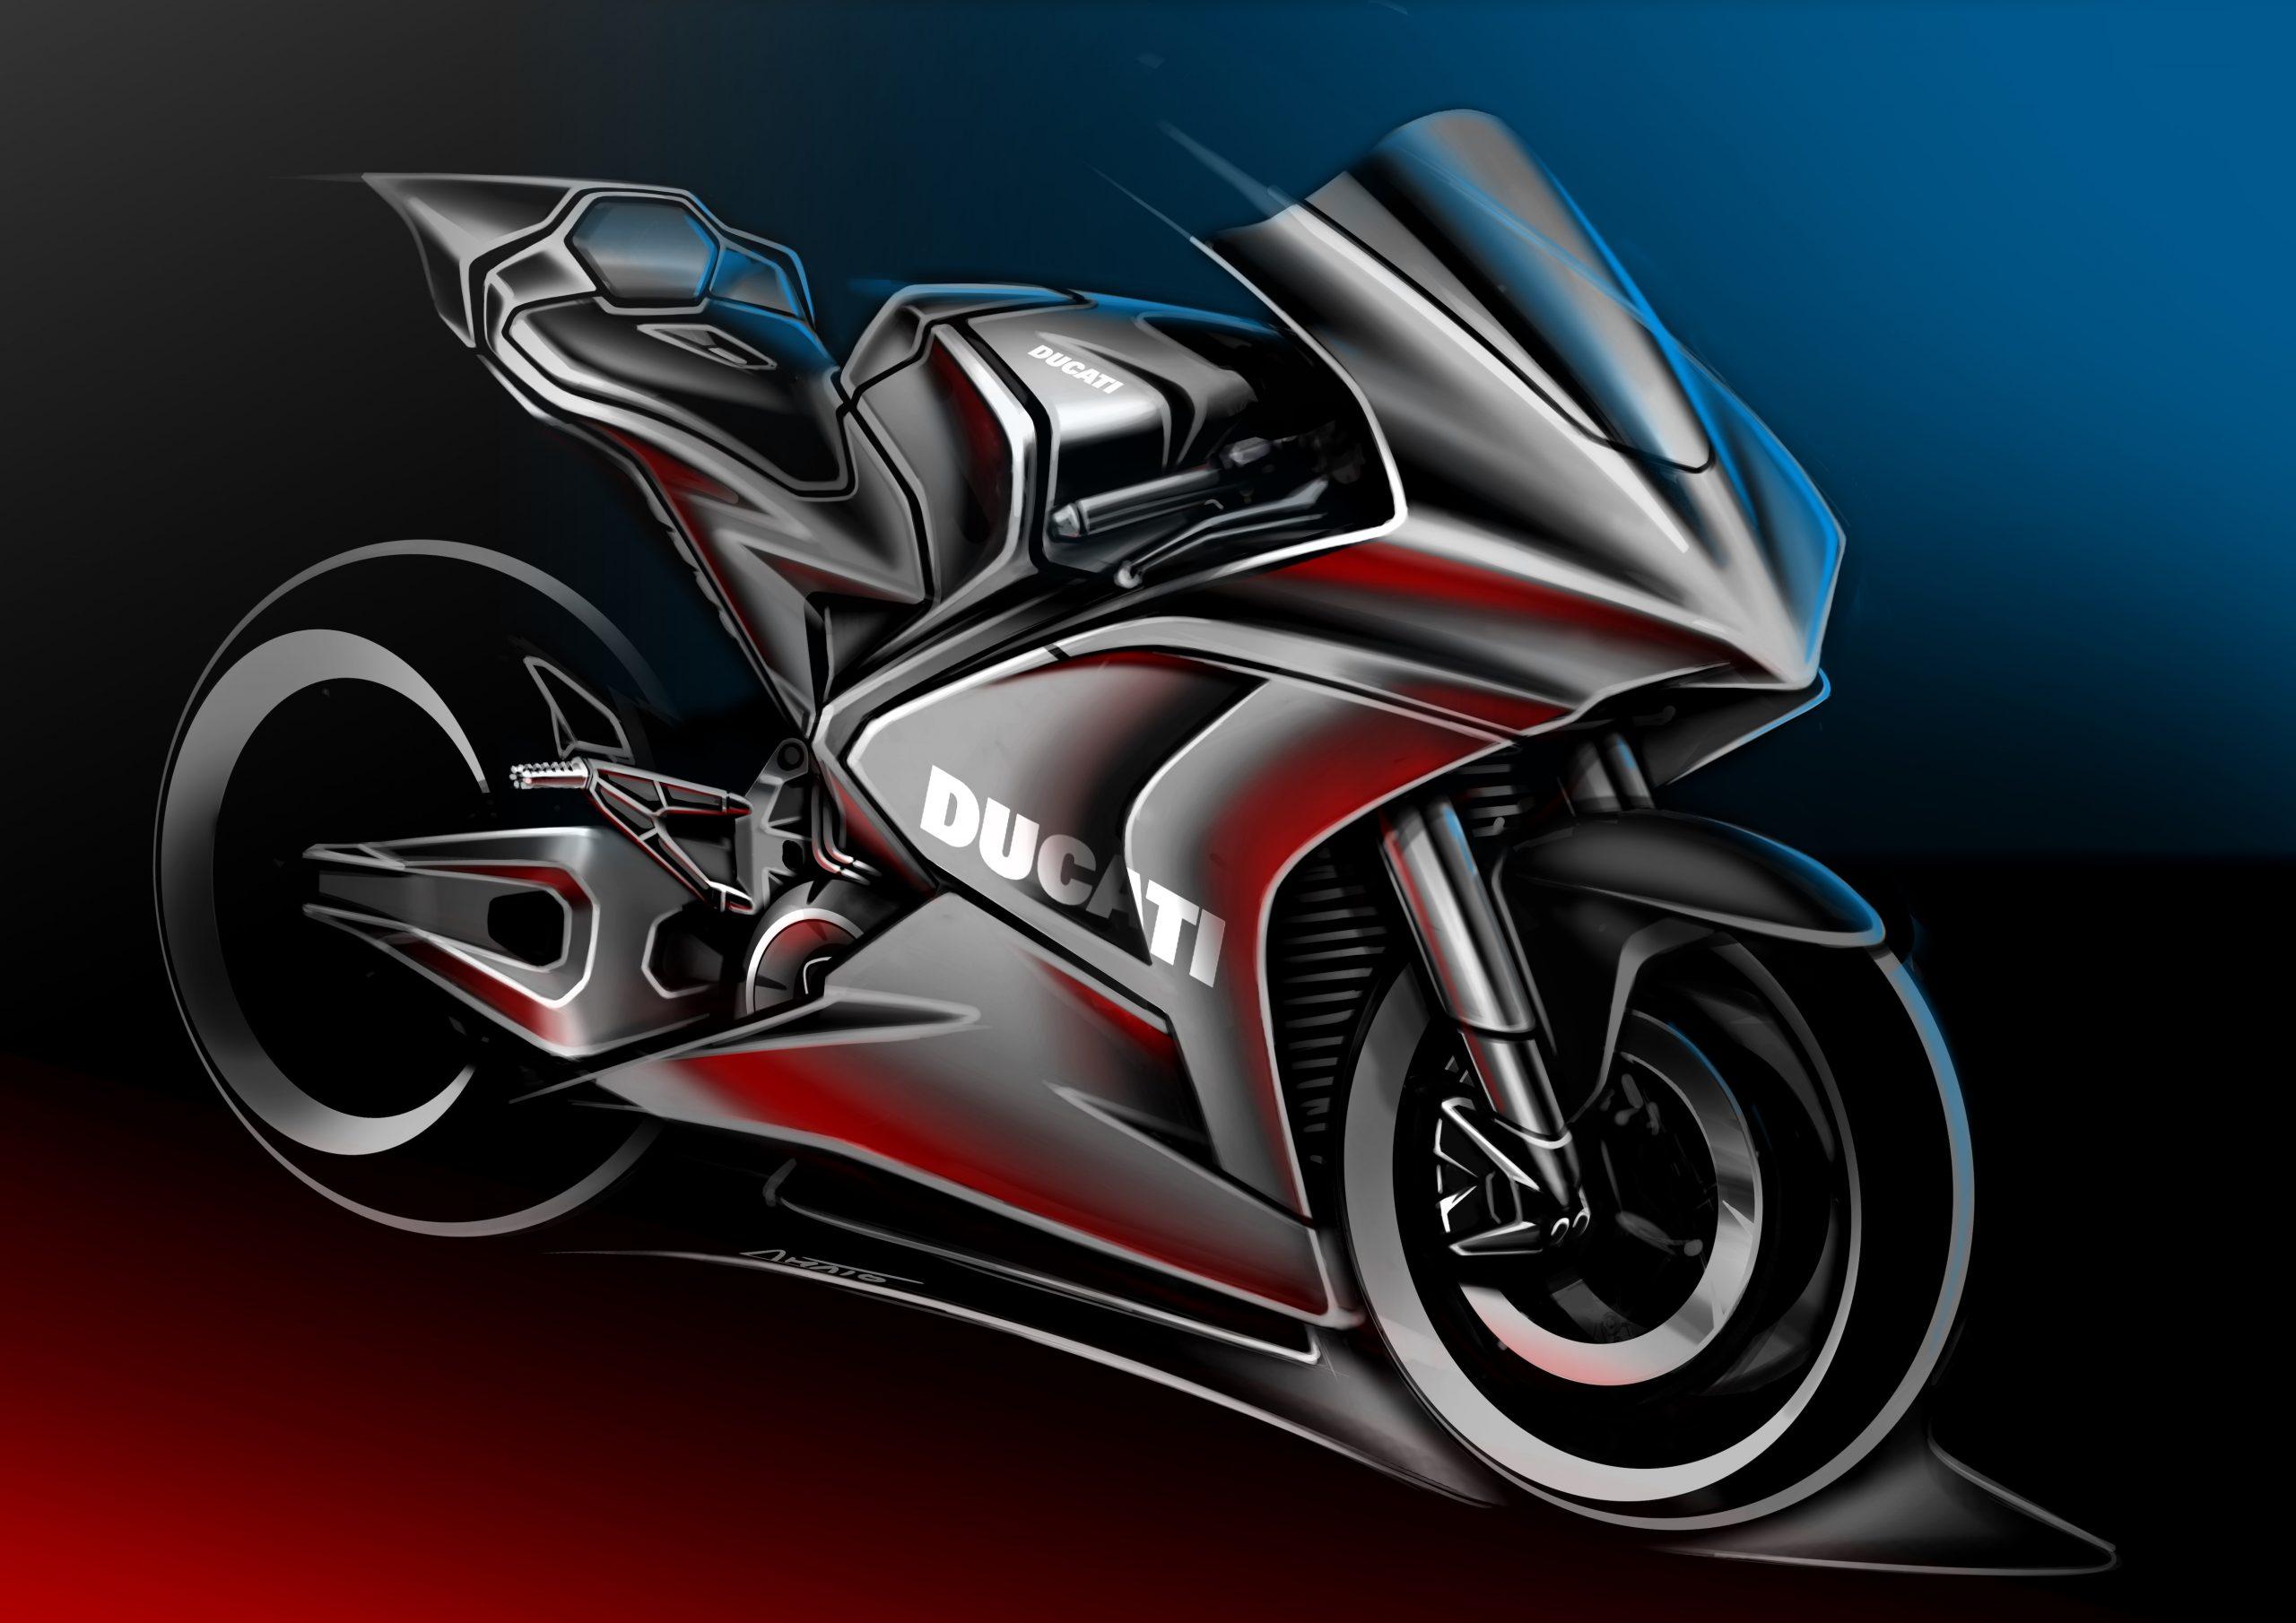 Ducati fabricará las MotoE a partir de 2023